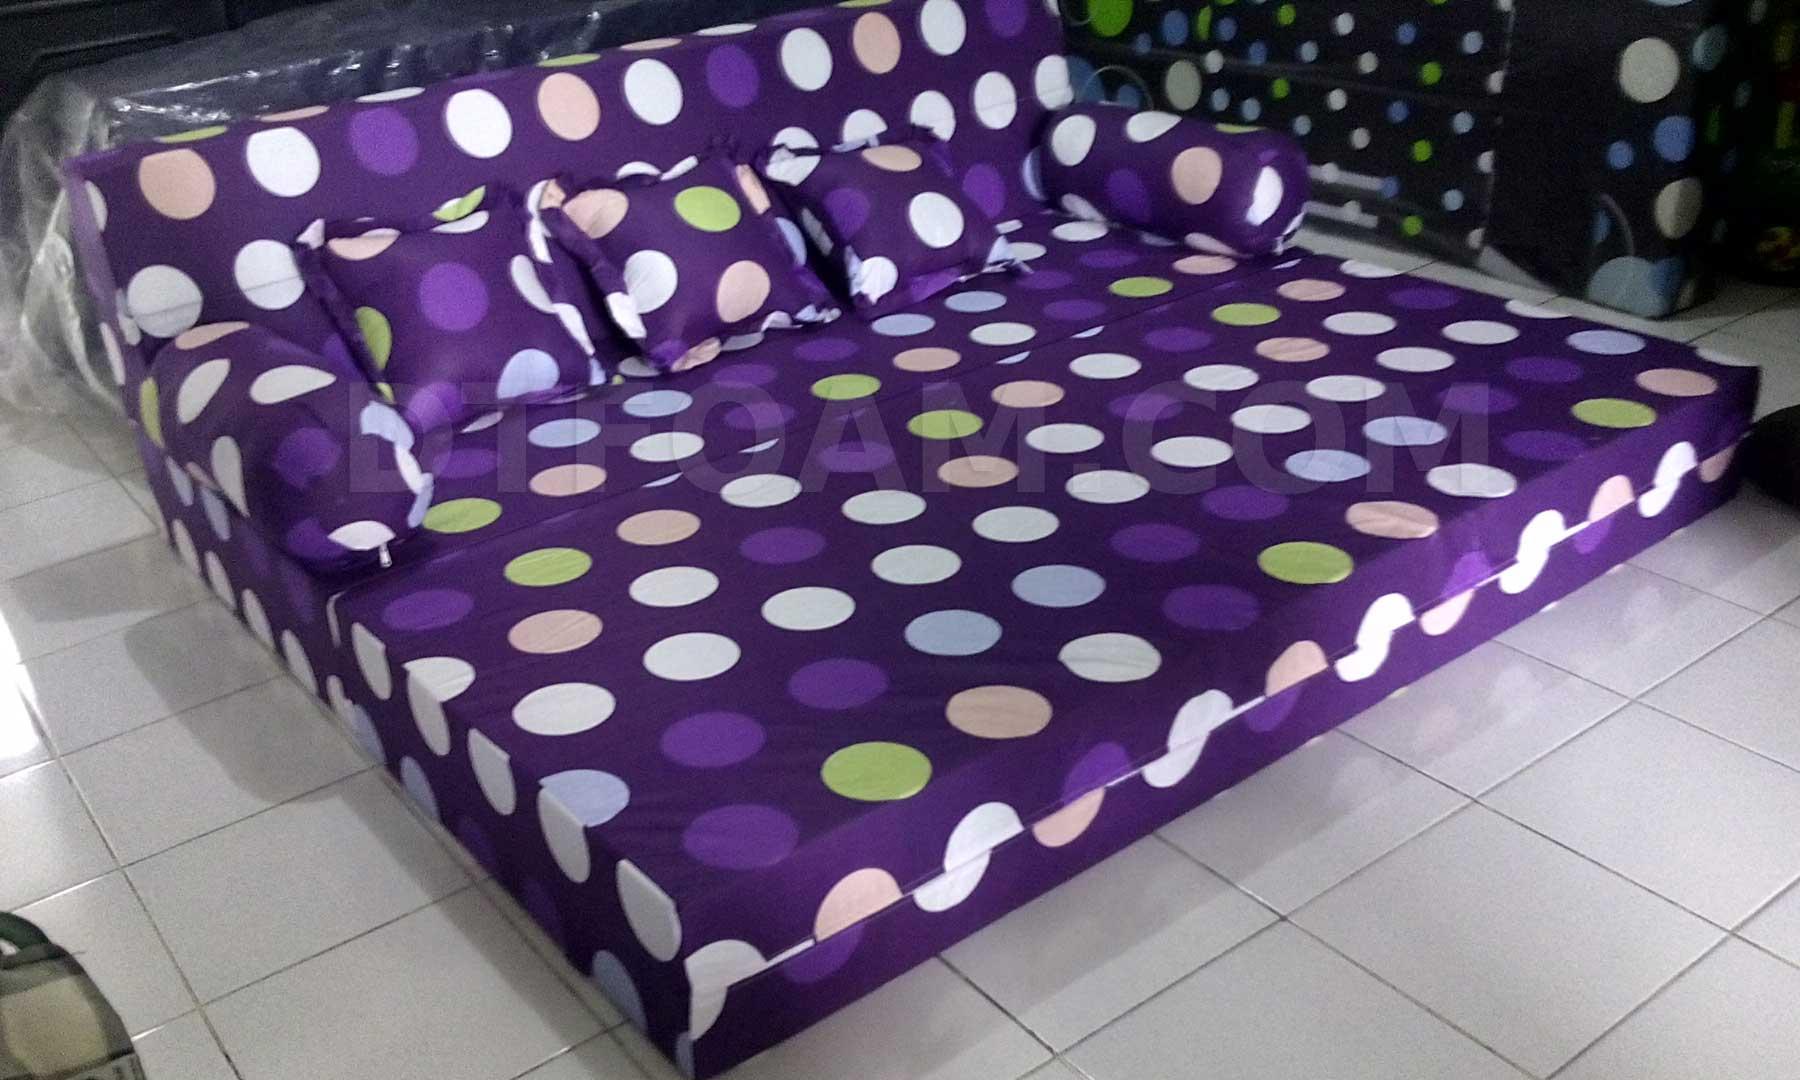 Jual Sofa Bed Inoac Bekasi Okaycreations Net